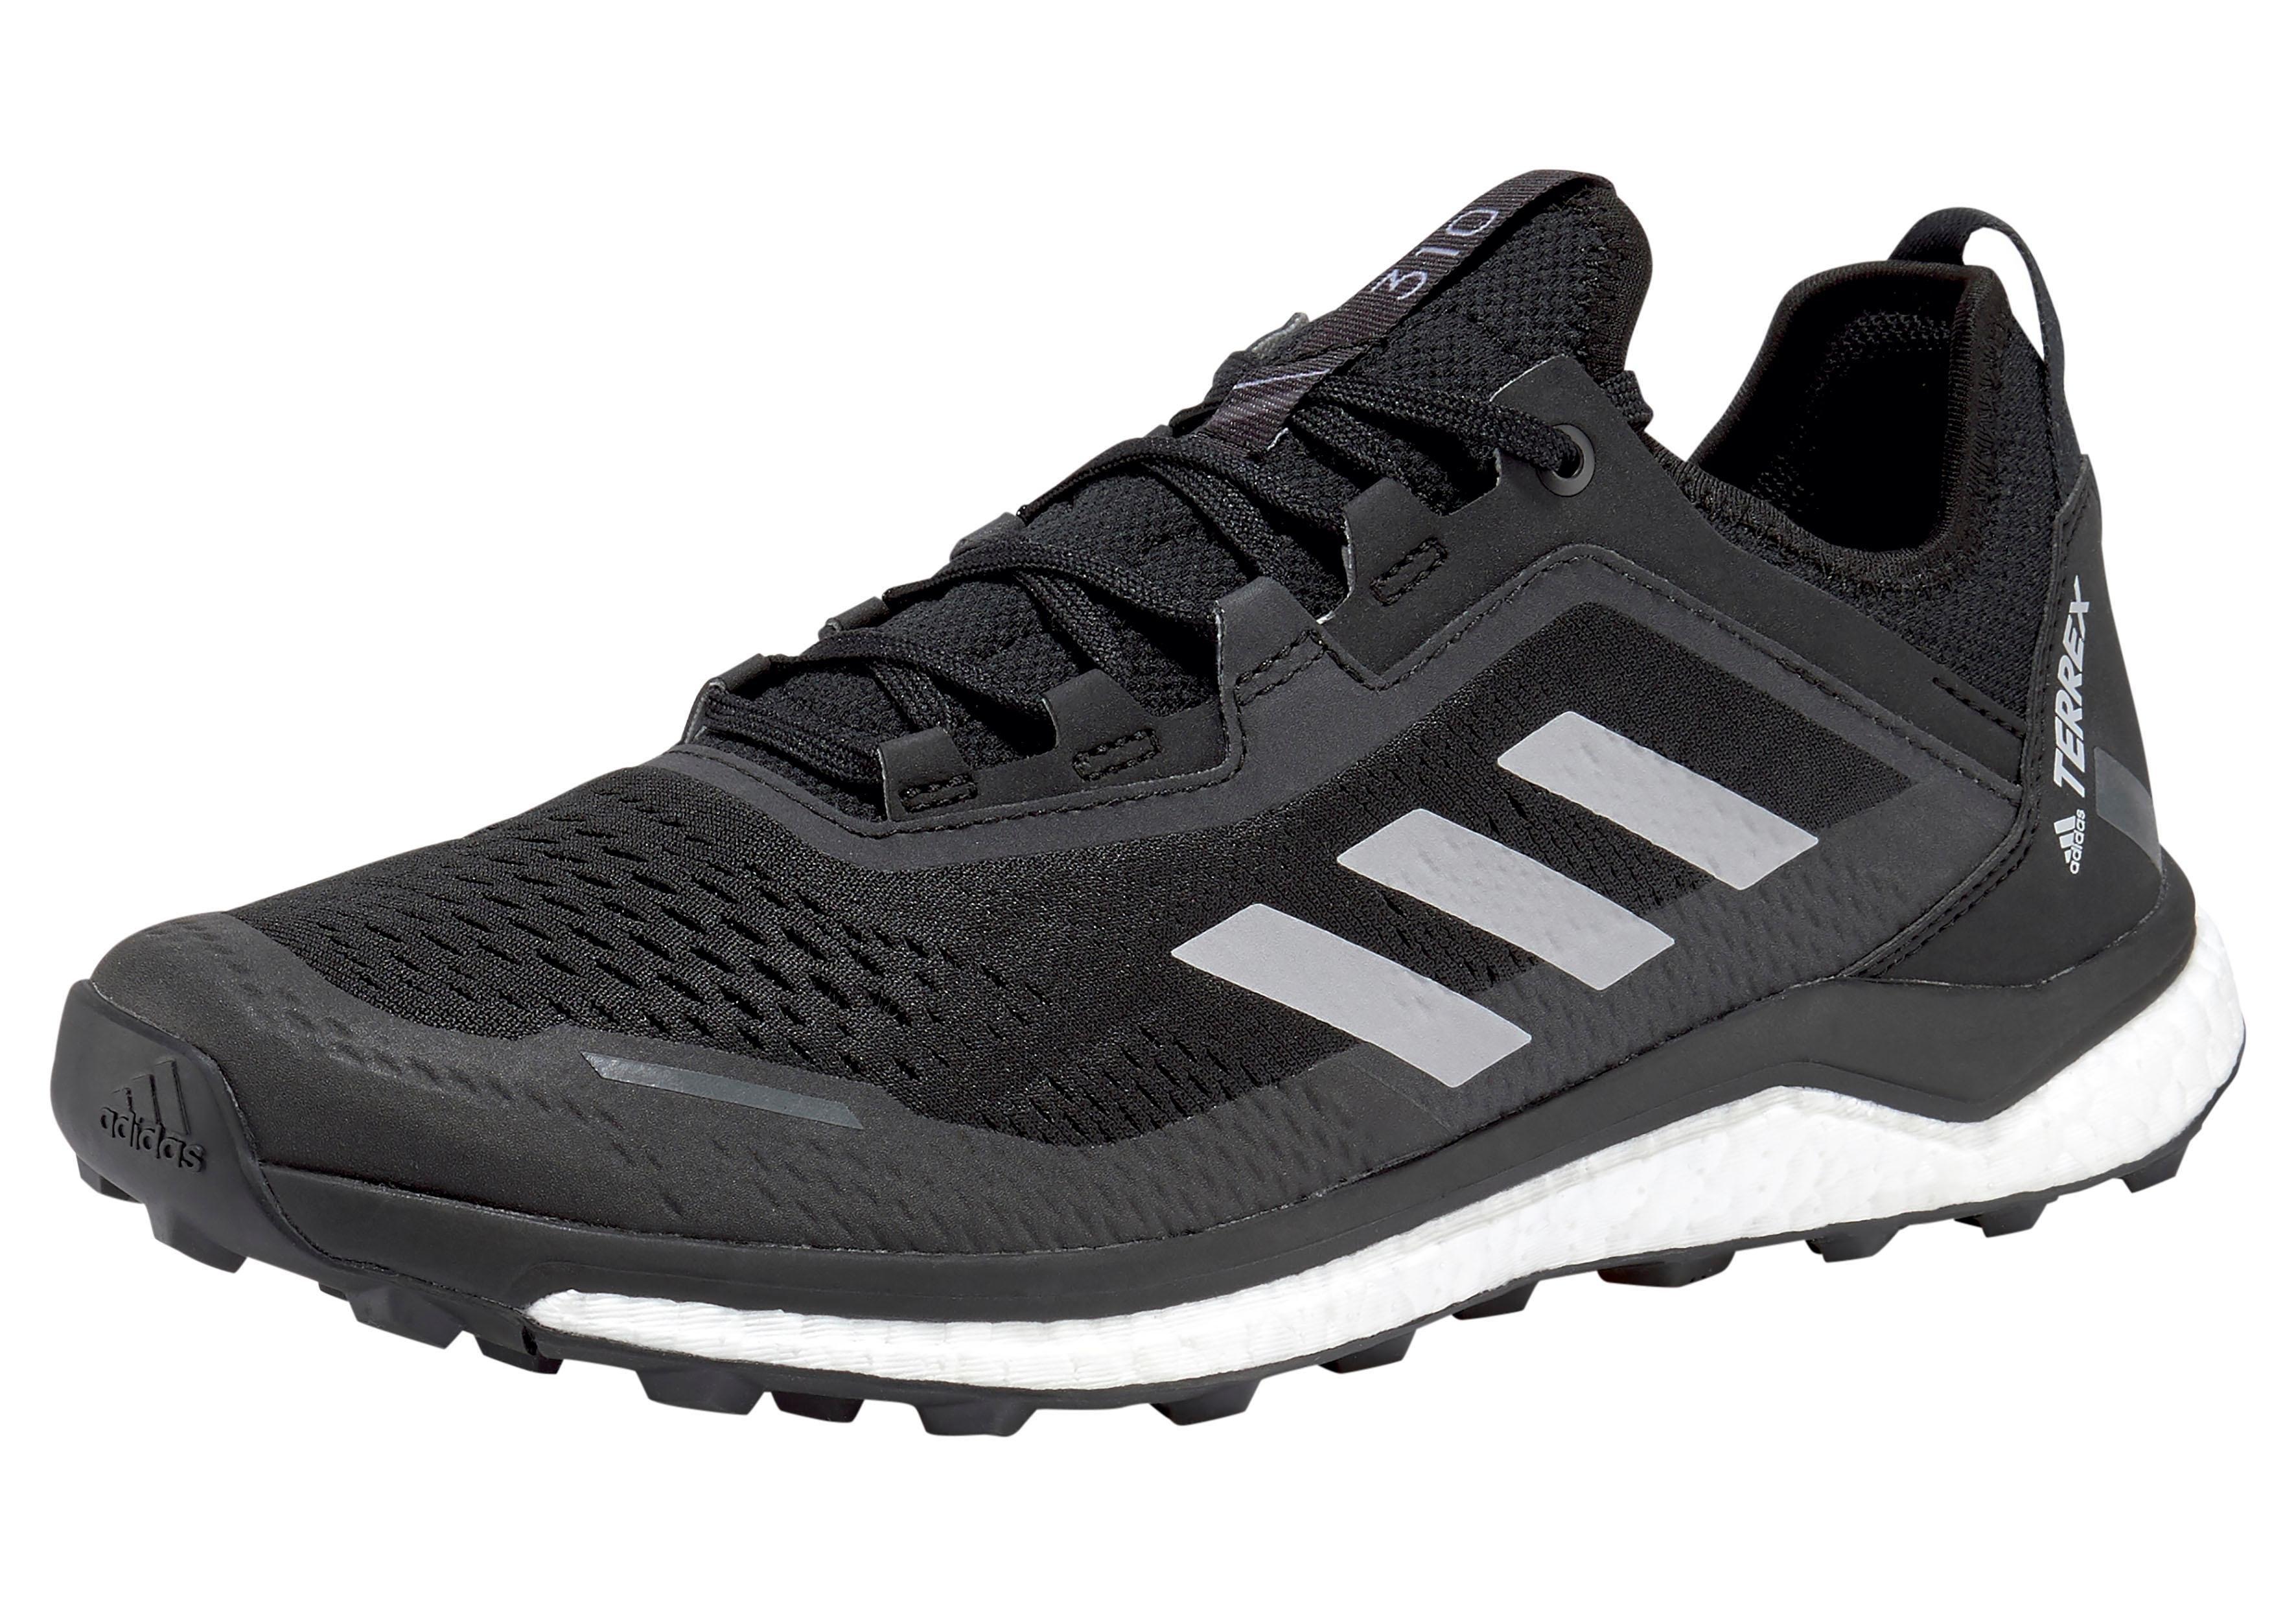 Adidas Terrex adidas Performance runningschoenen »TERREX AGRAVIC FLOW« nu online kopen bij OTTO